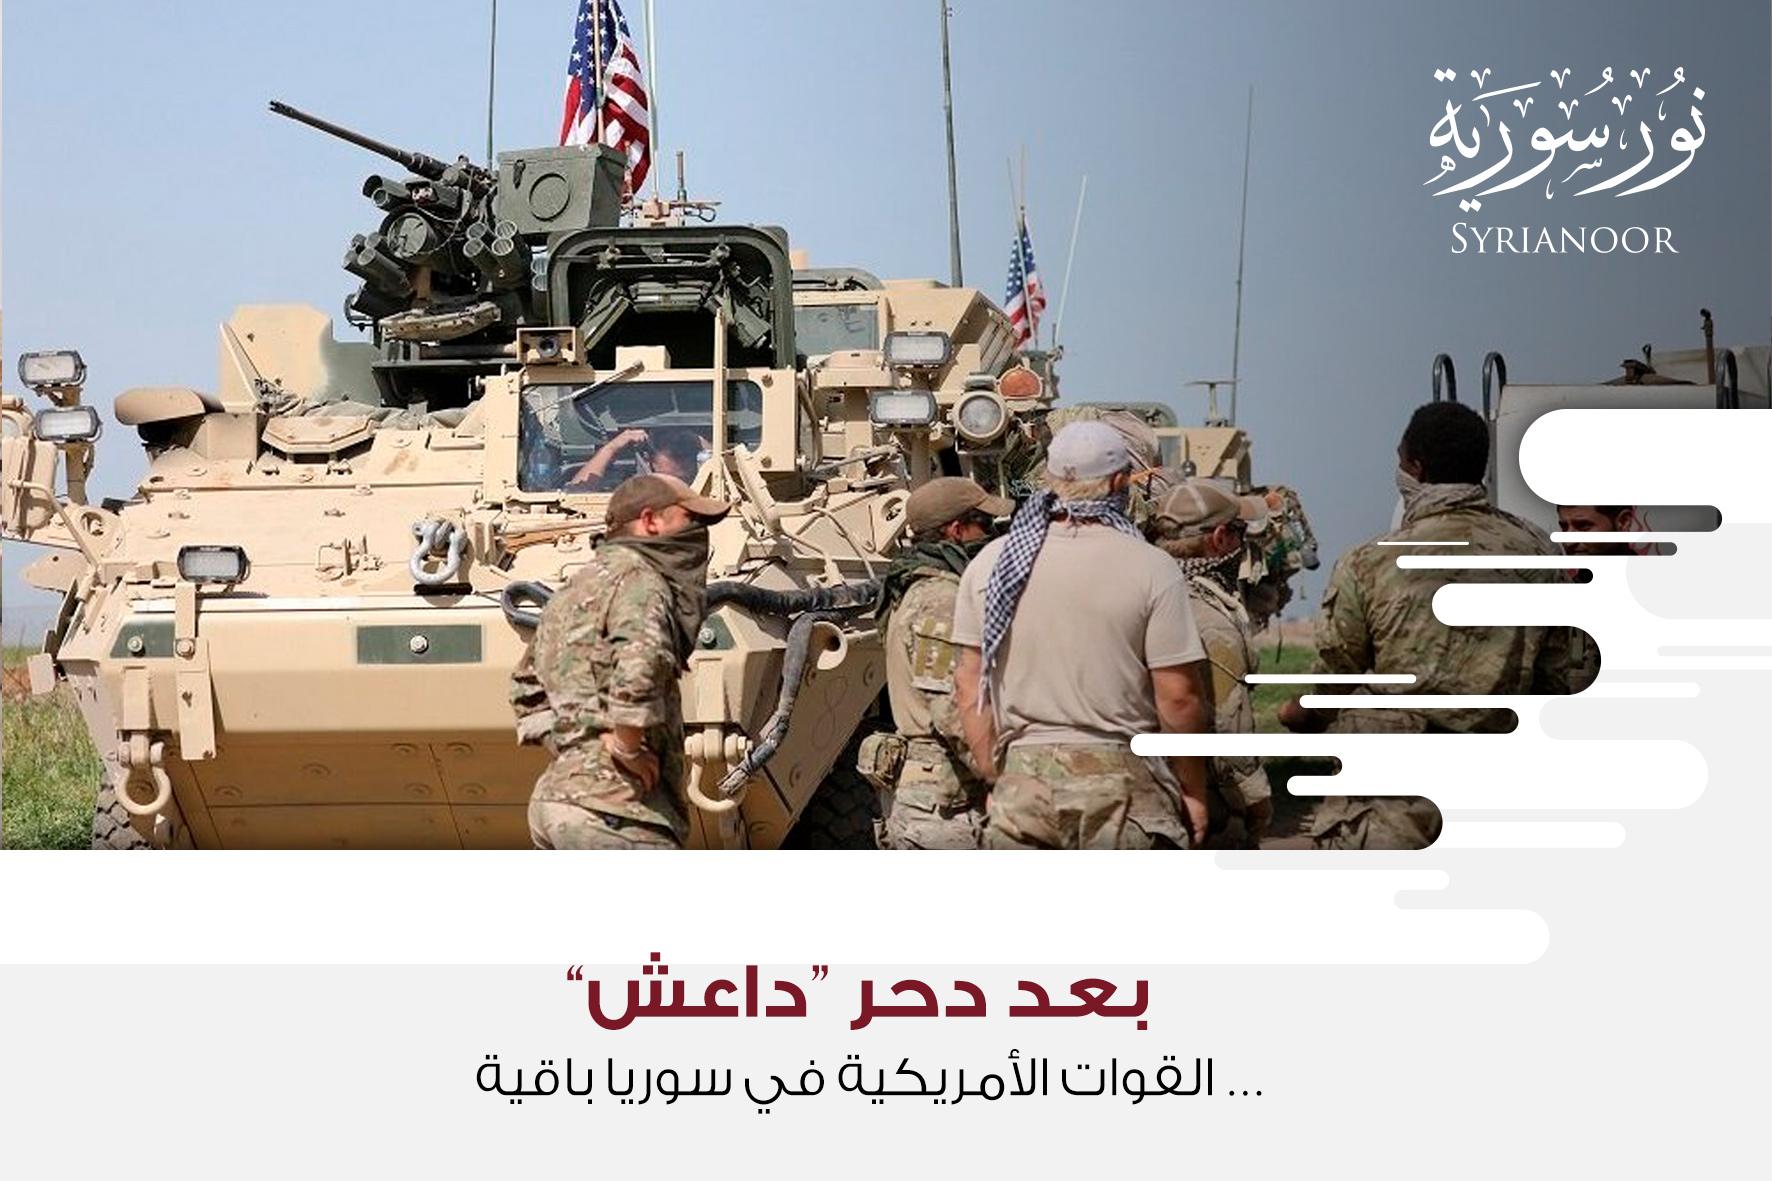 """بعد دحر """"داعش""""… القوات الأمريكية في سوريا باقية"""